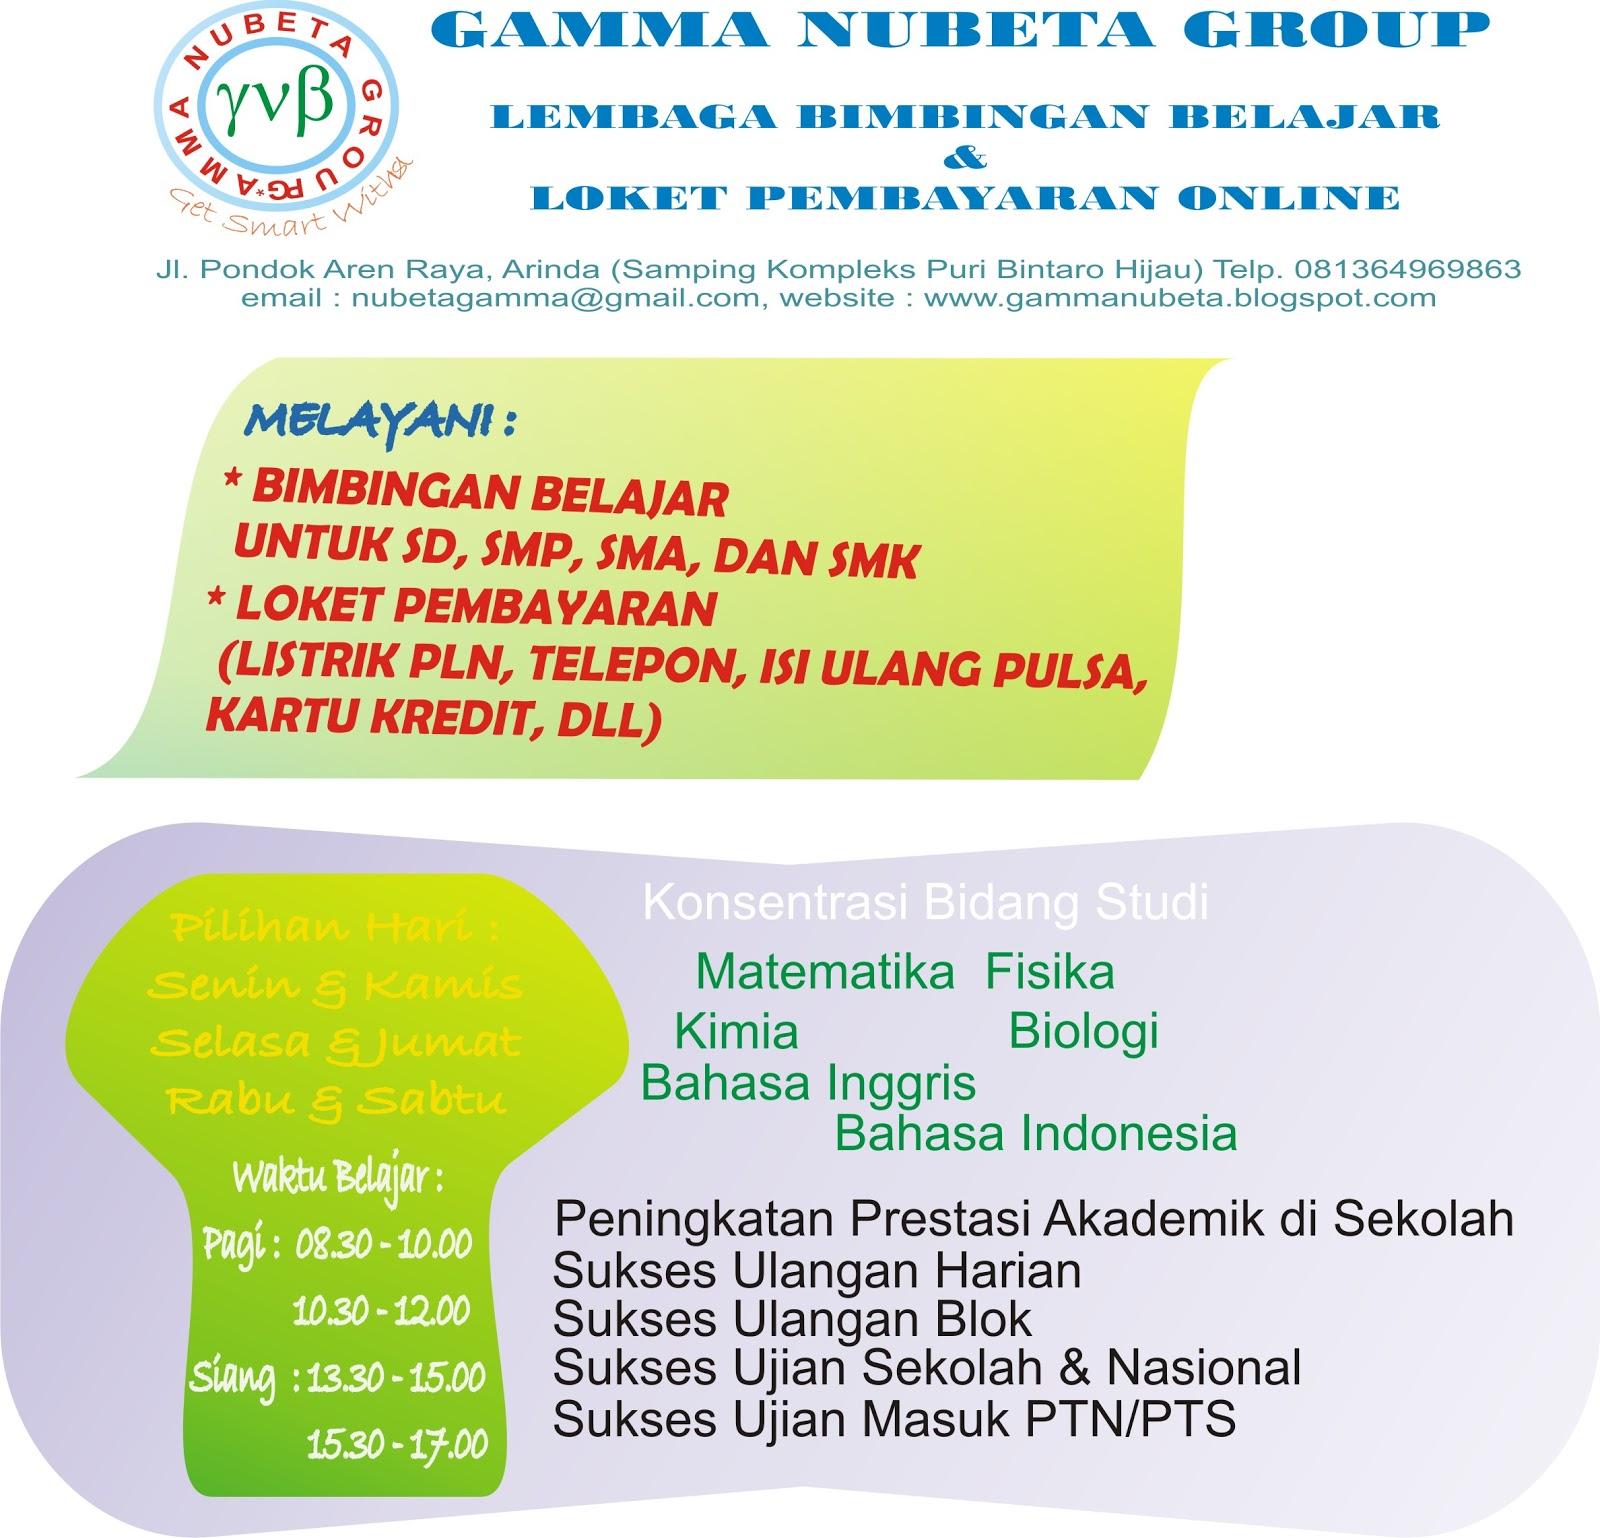 Gamma Nubeta Program Lbb Gamma Nubeta